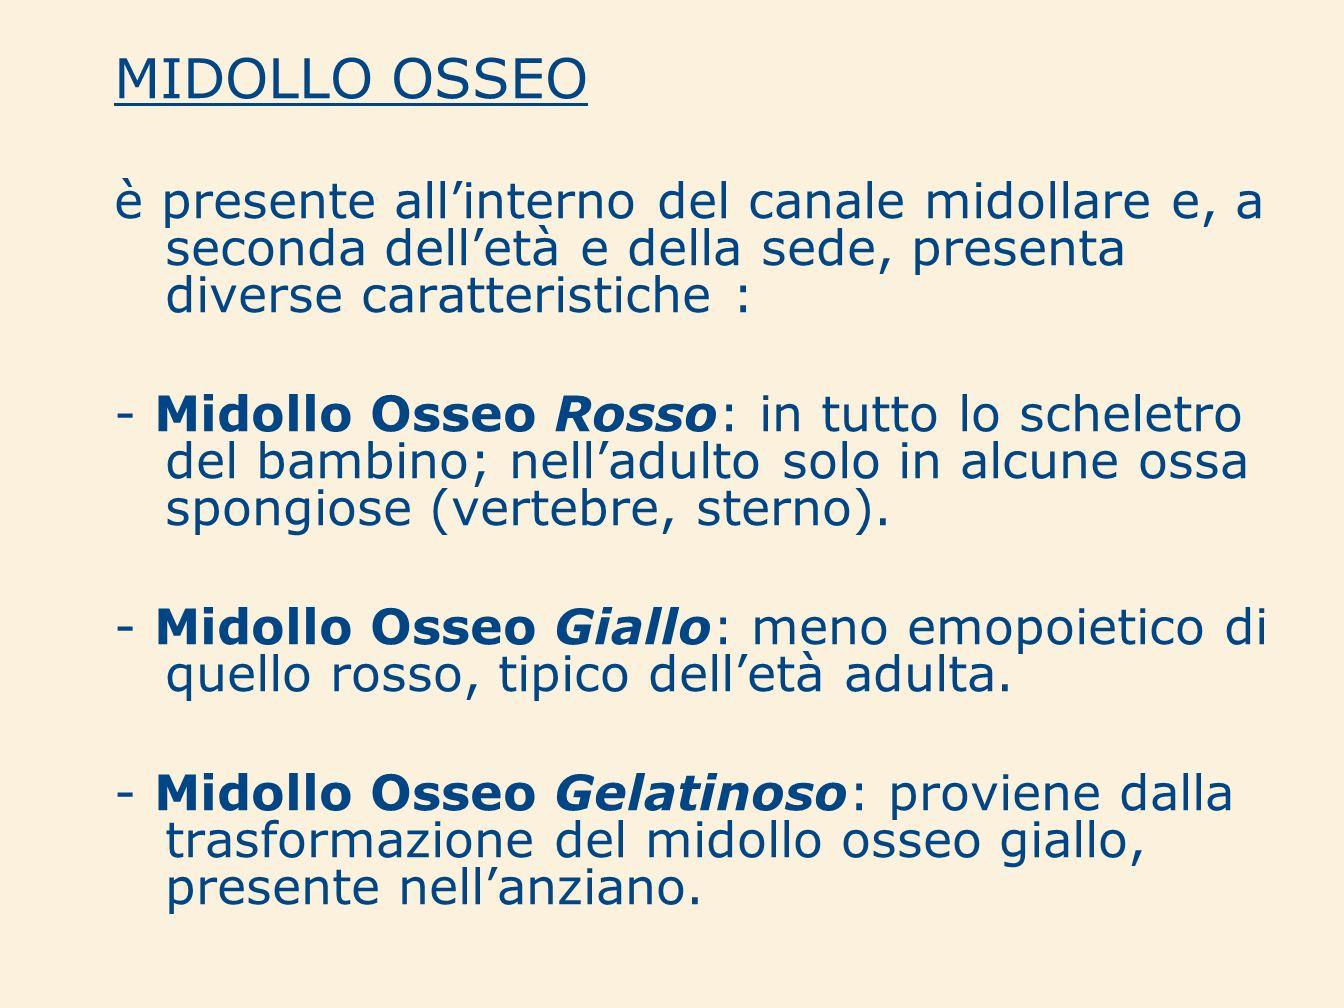 MIDOLLO OSSEOè presente all'interno del canale midollare e, a seconda dell'età e della sede, presenta diverse caratteristiche :